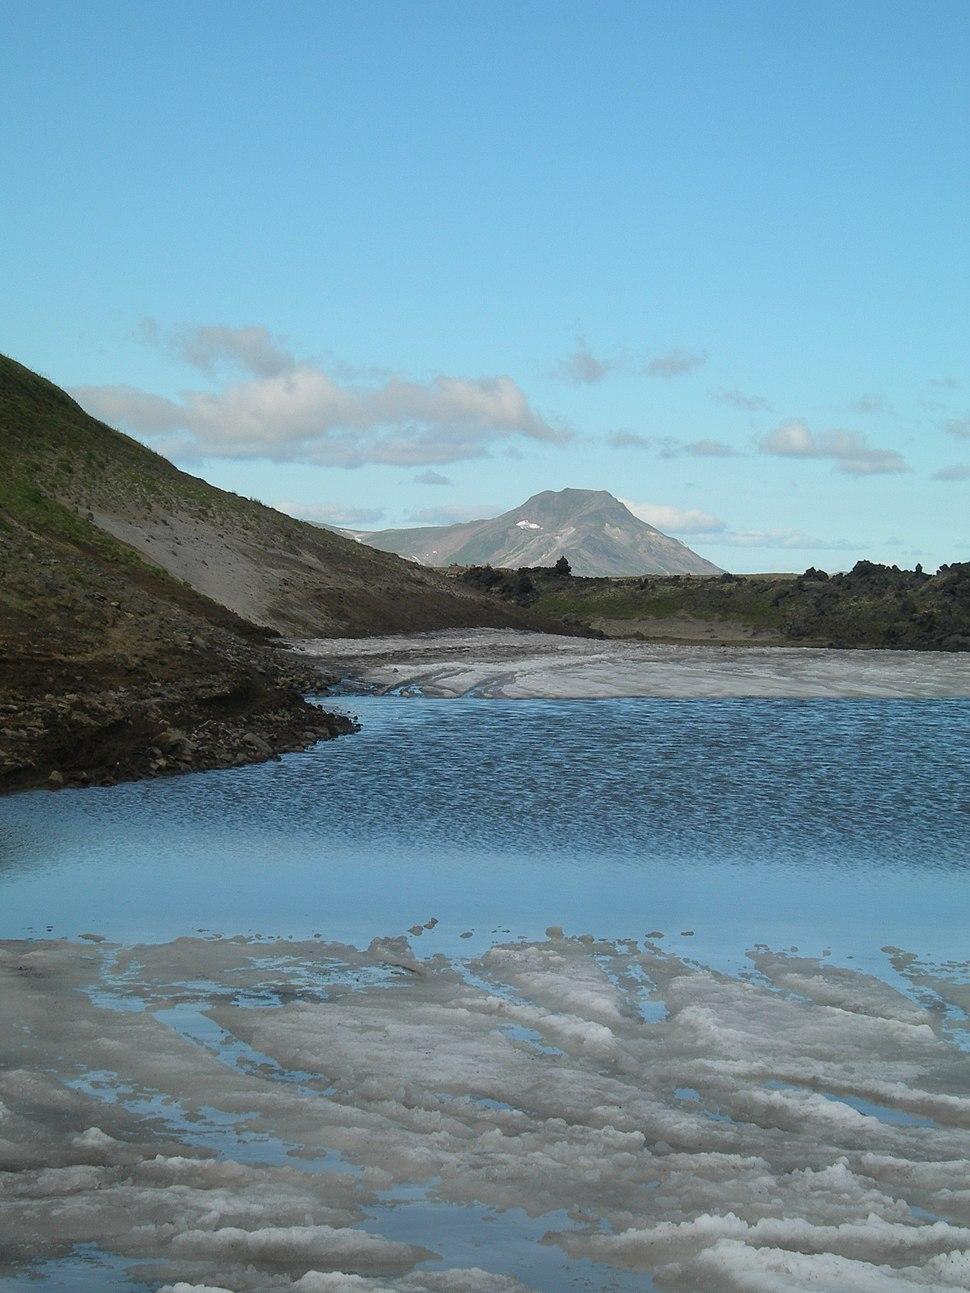 Volcanoes of Kamchatka-113321